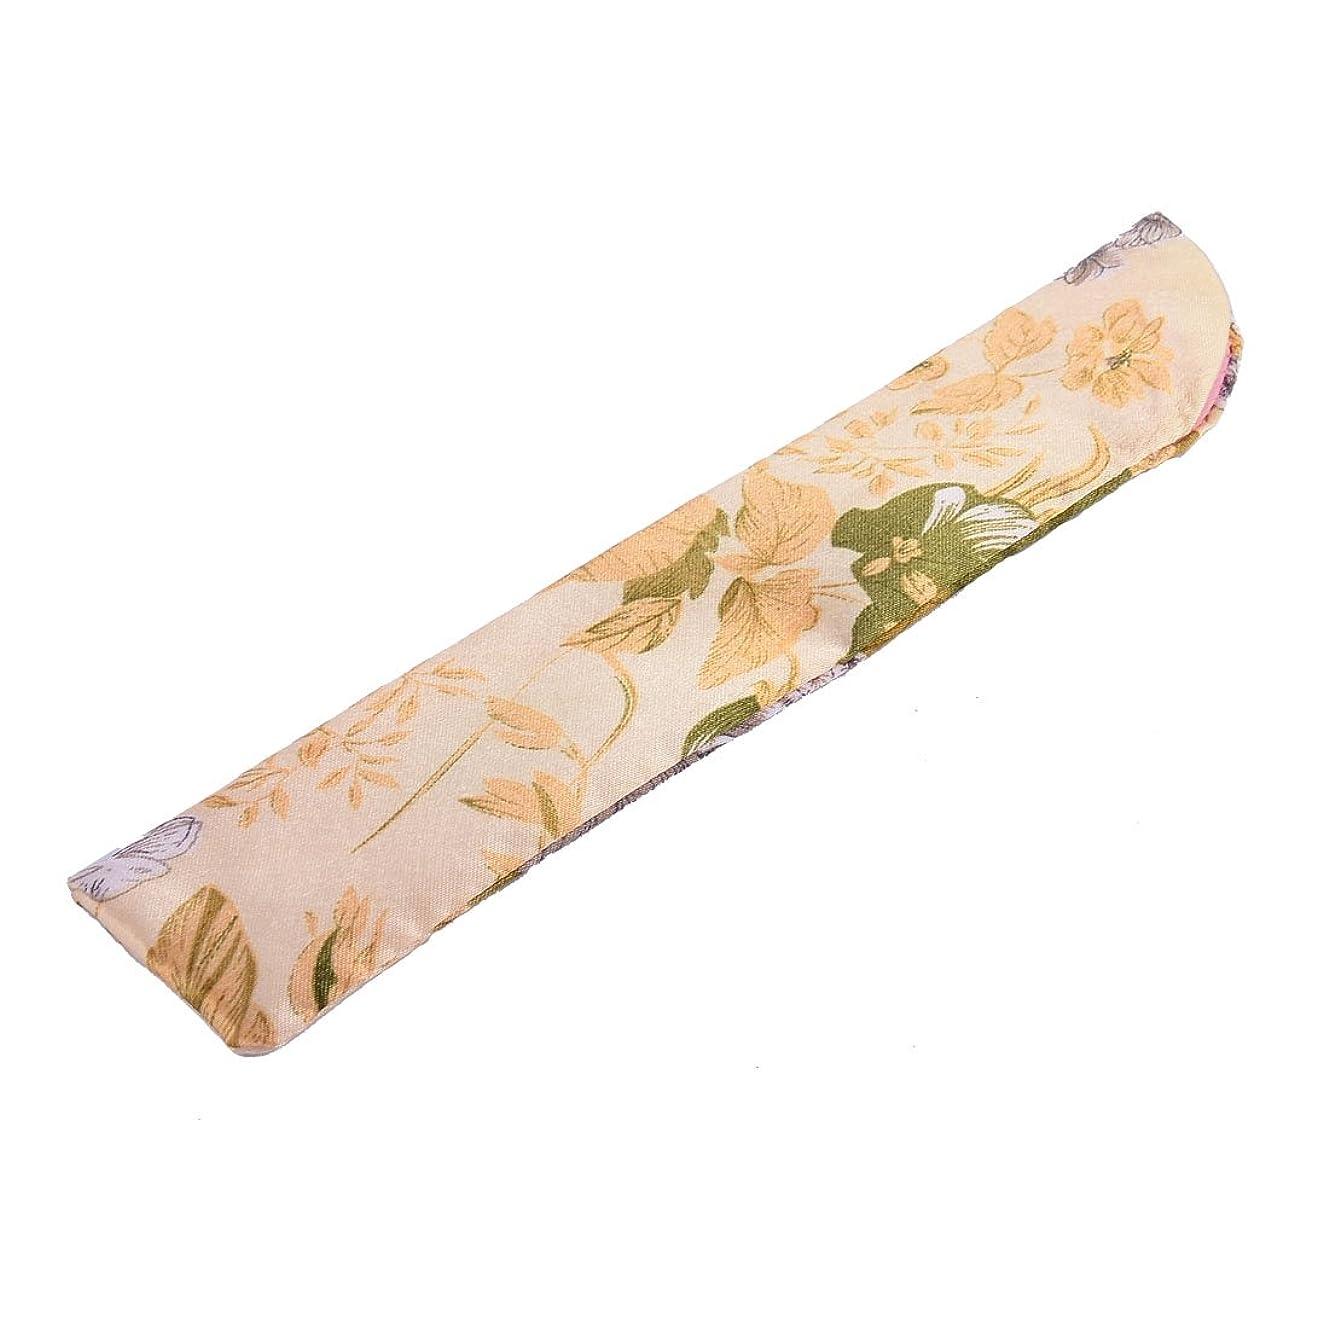 大学アカデミーモディッシュuxcell 扇子ポーチ ファブリック 中国古典的なスタイル 花 のパターン ライトイエロー